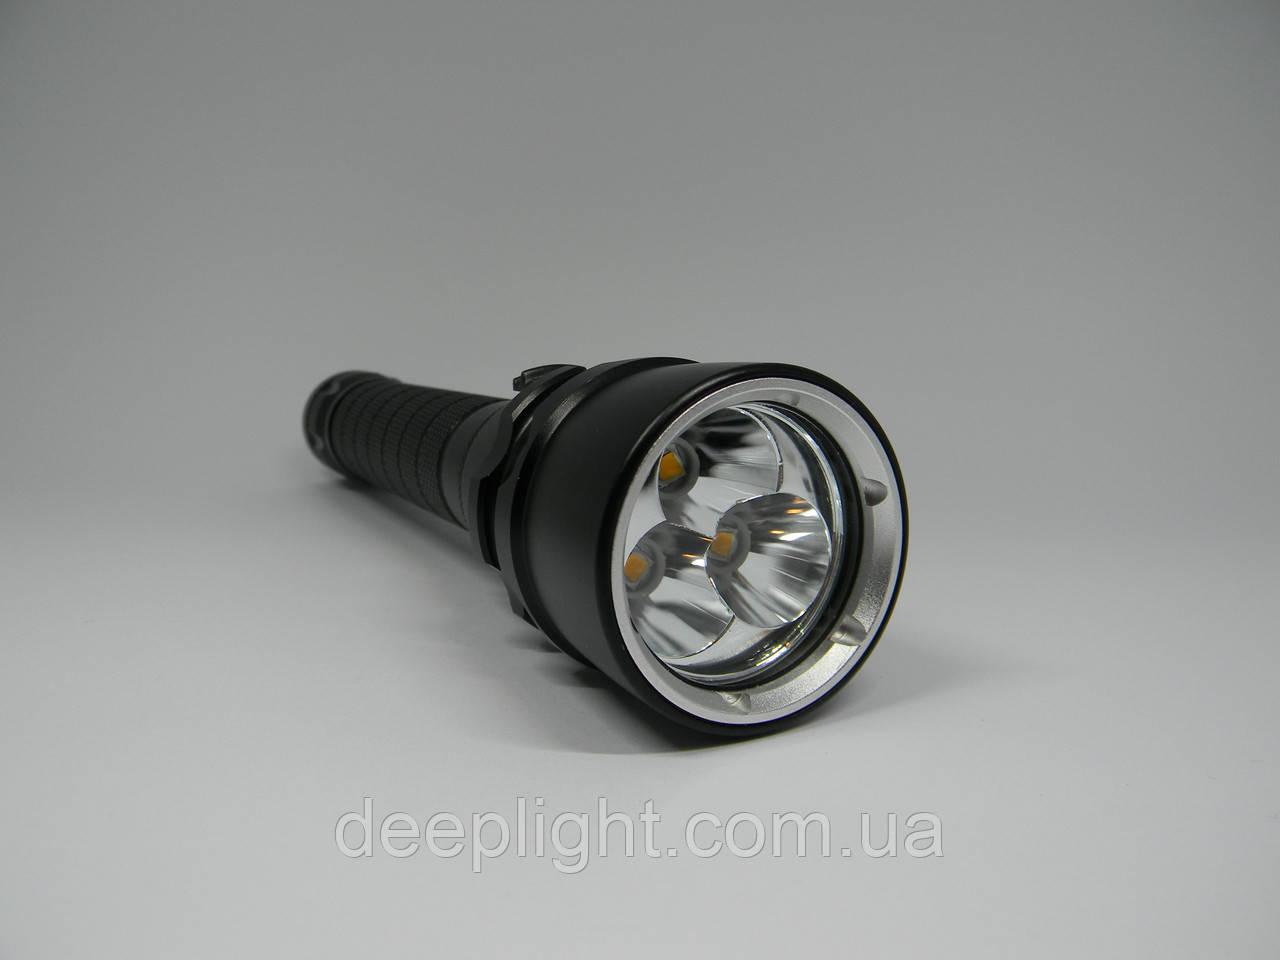 Підводний ліхтар Deeplight X3 з жовтим світлом на трьох діодах Cree XM-L2 30W під 18650